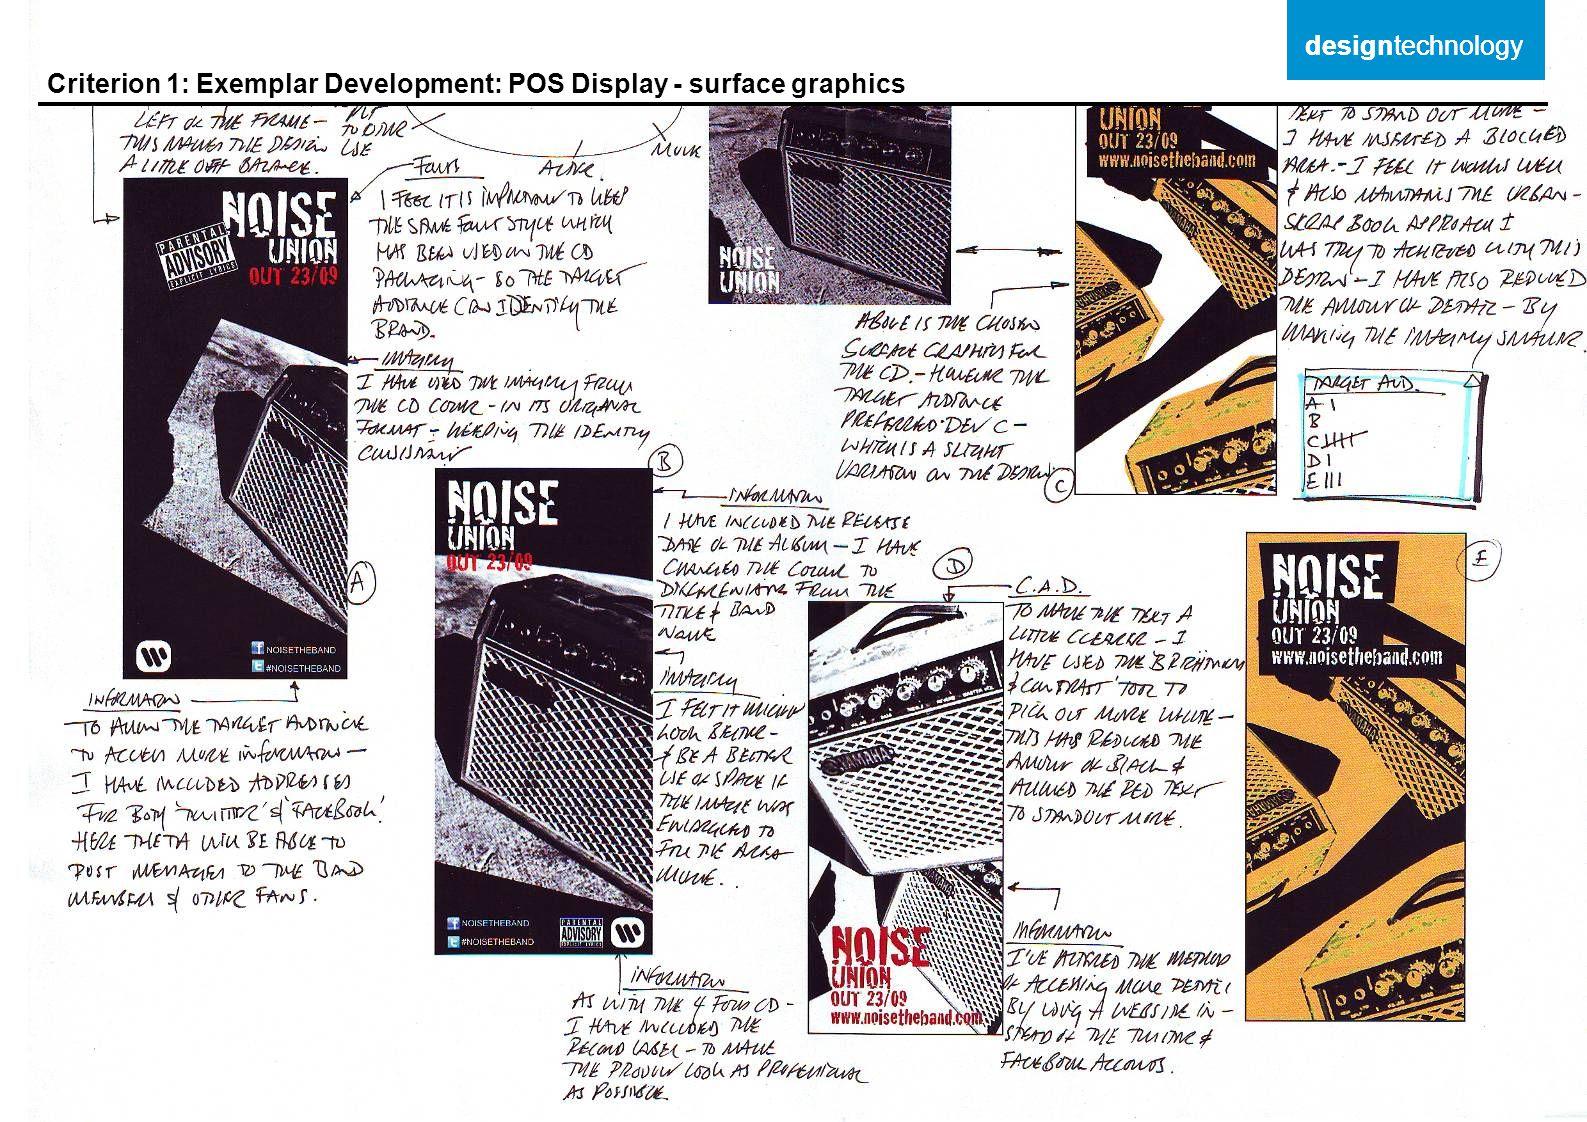 designtechnology designtechnology Criterion 1: Exemplar Development: POS Display - surface graphics